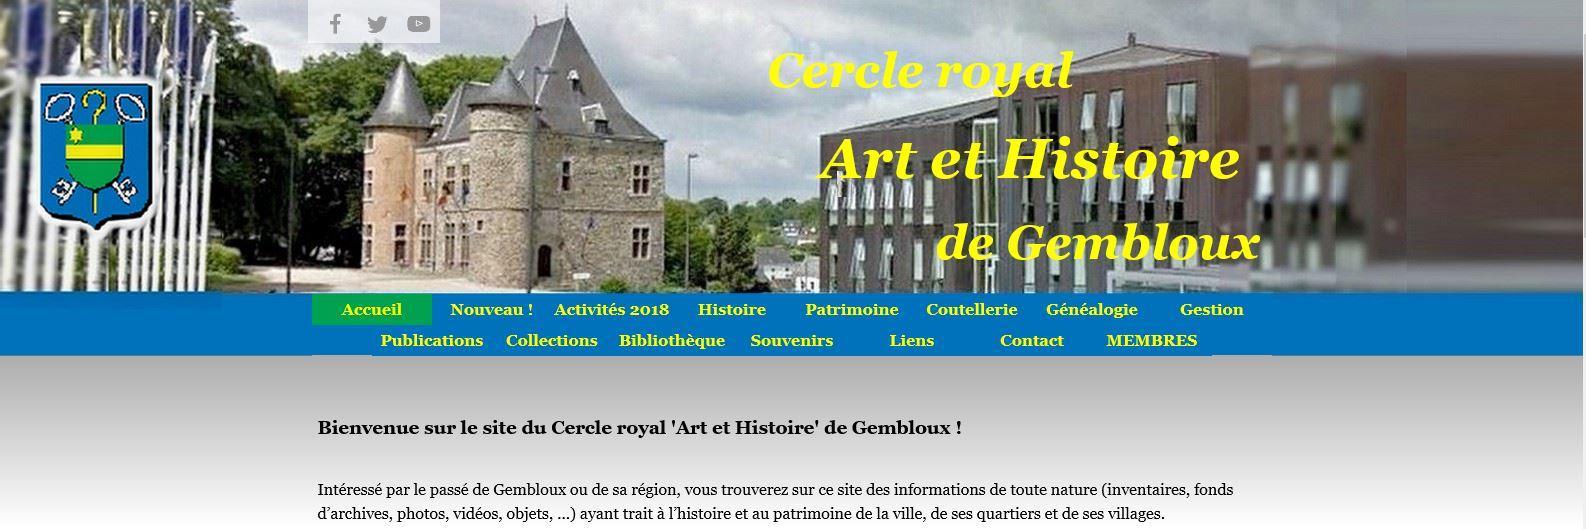 Salle De Bain Afrique ~ Gembloux Nouveau Site Internet Pour Le Cercle Royal Art Et